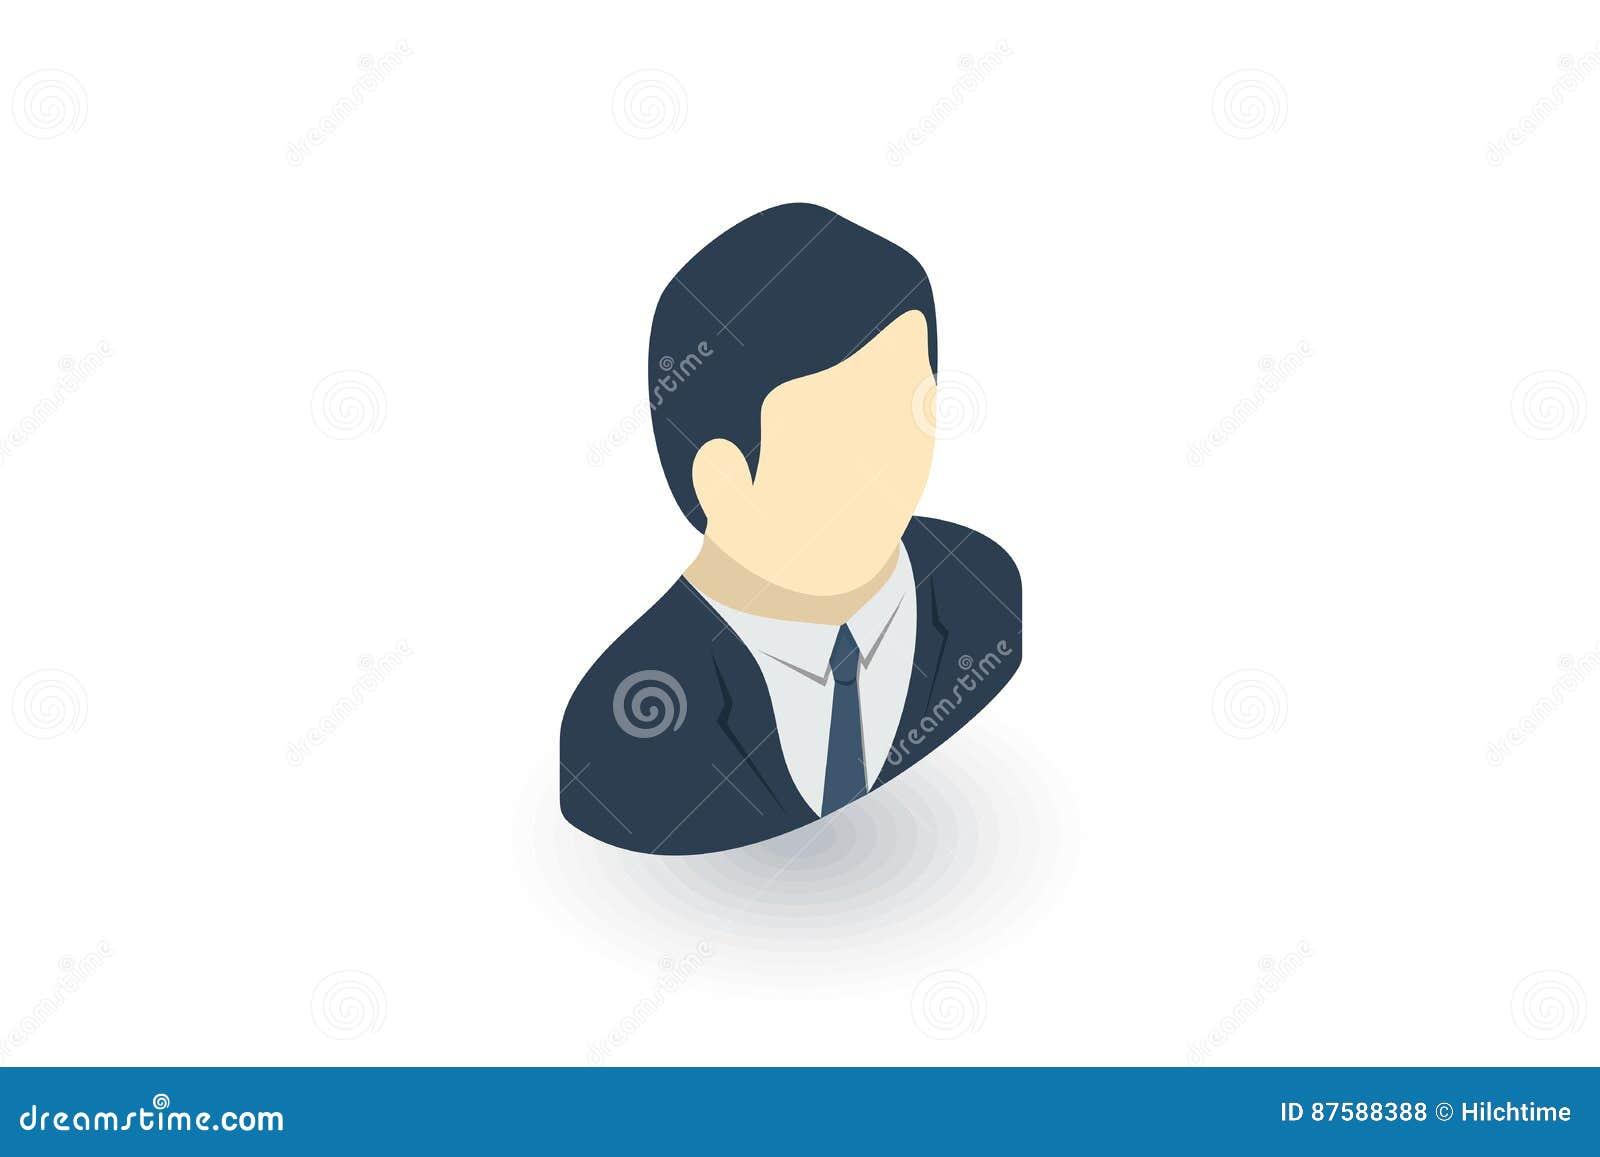 Icono Plano Isométrico Del Avatar Del Hombre De Negocios Vector 3d ...